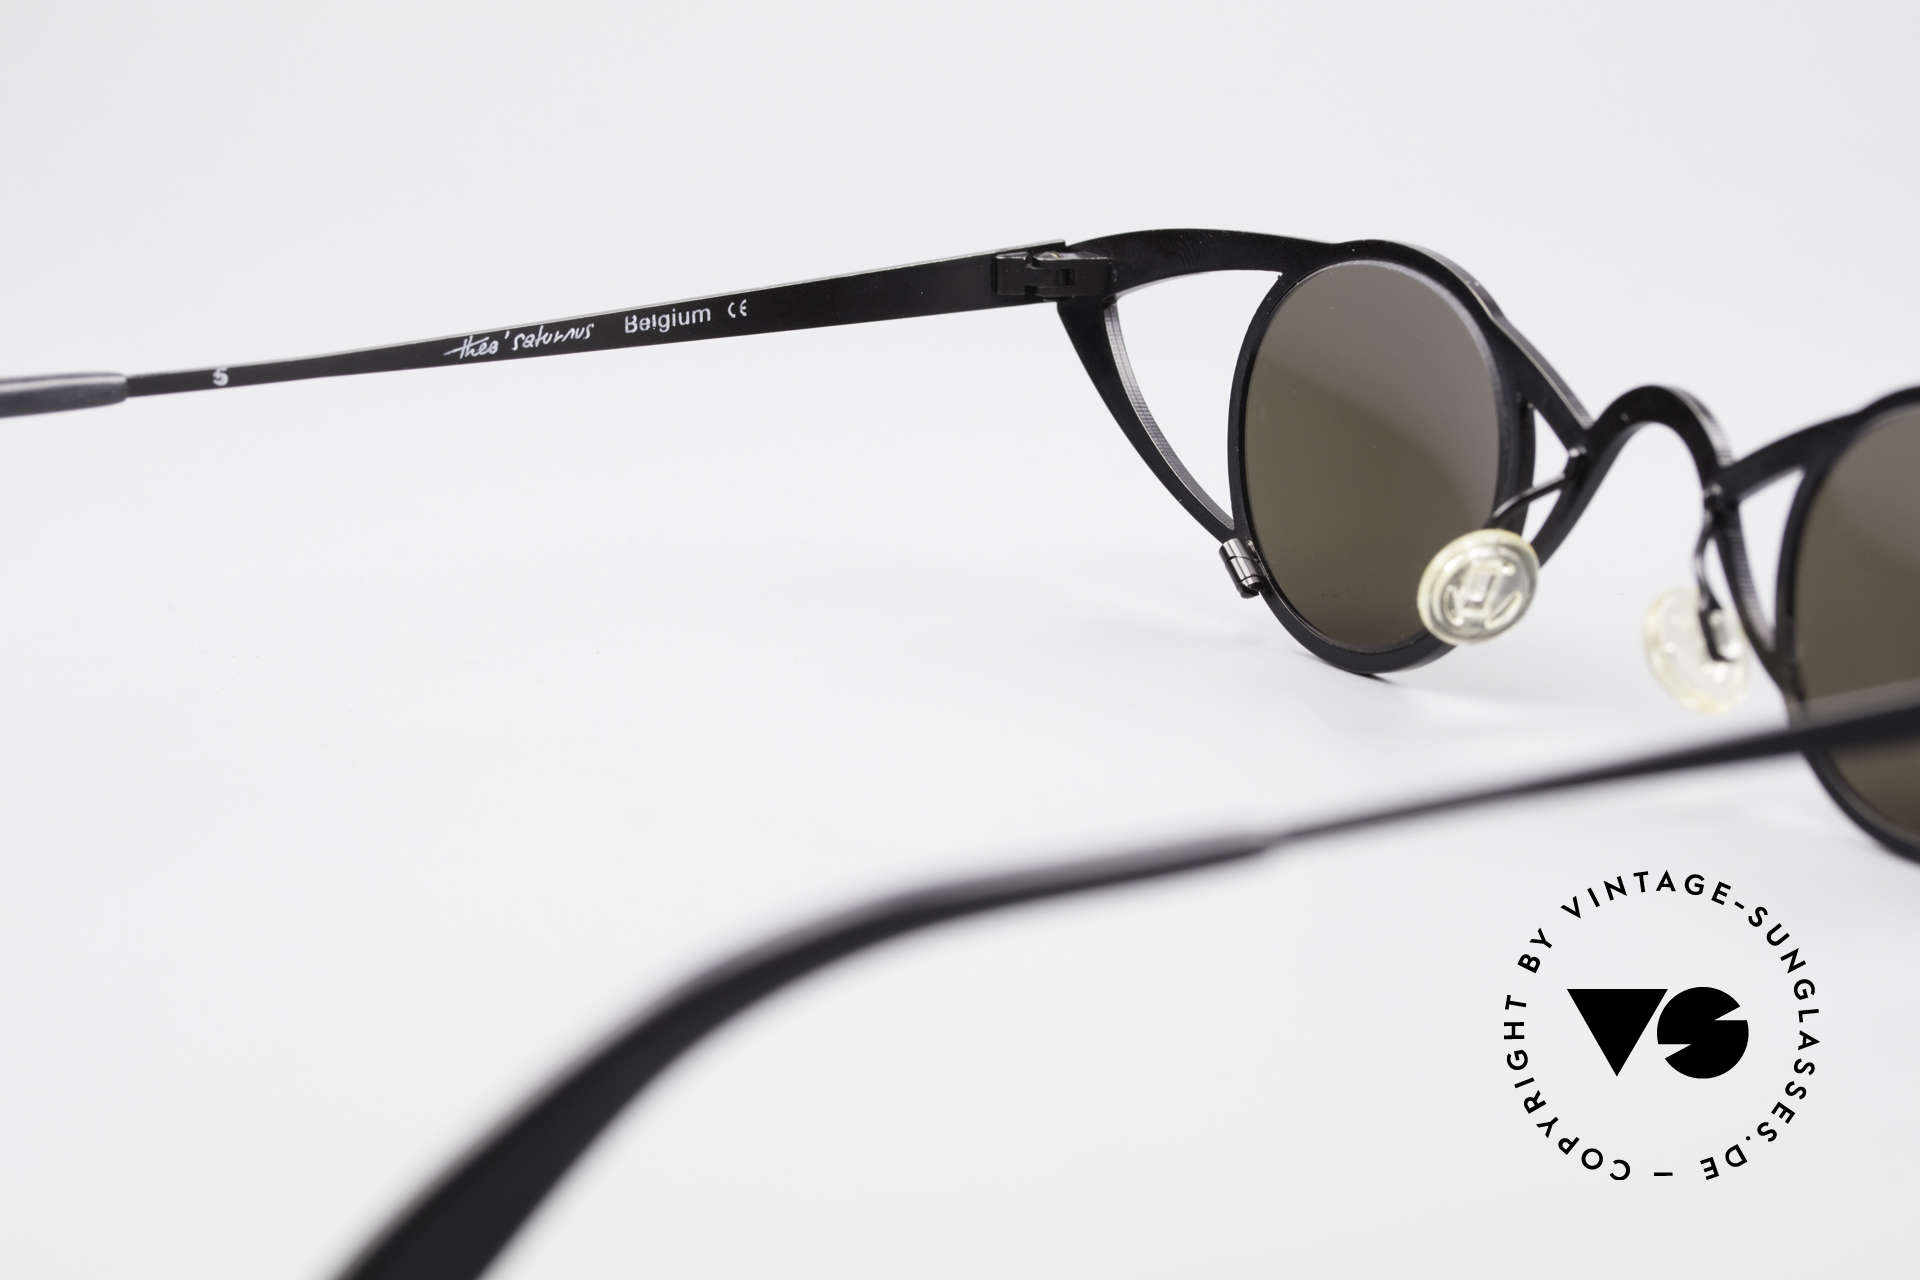 Theo Belgium Saturnus Runde Designer Sonnenbrille, sozusagen: VINTAGE Sonnenbrille mit Symbol-Charakter, Passend für Damen